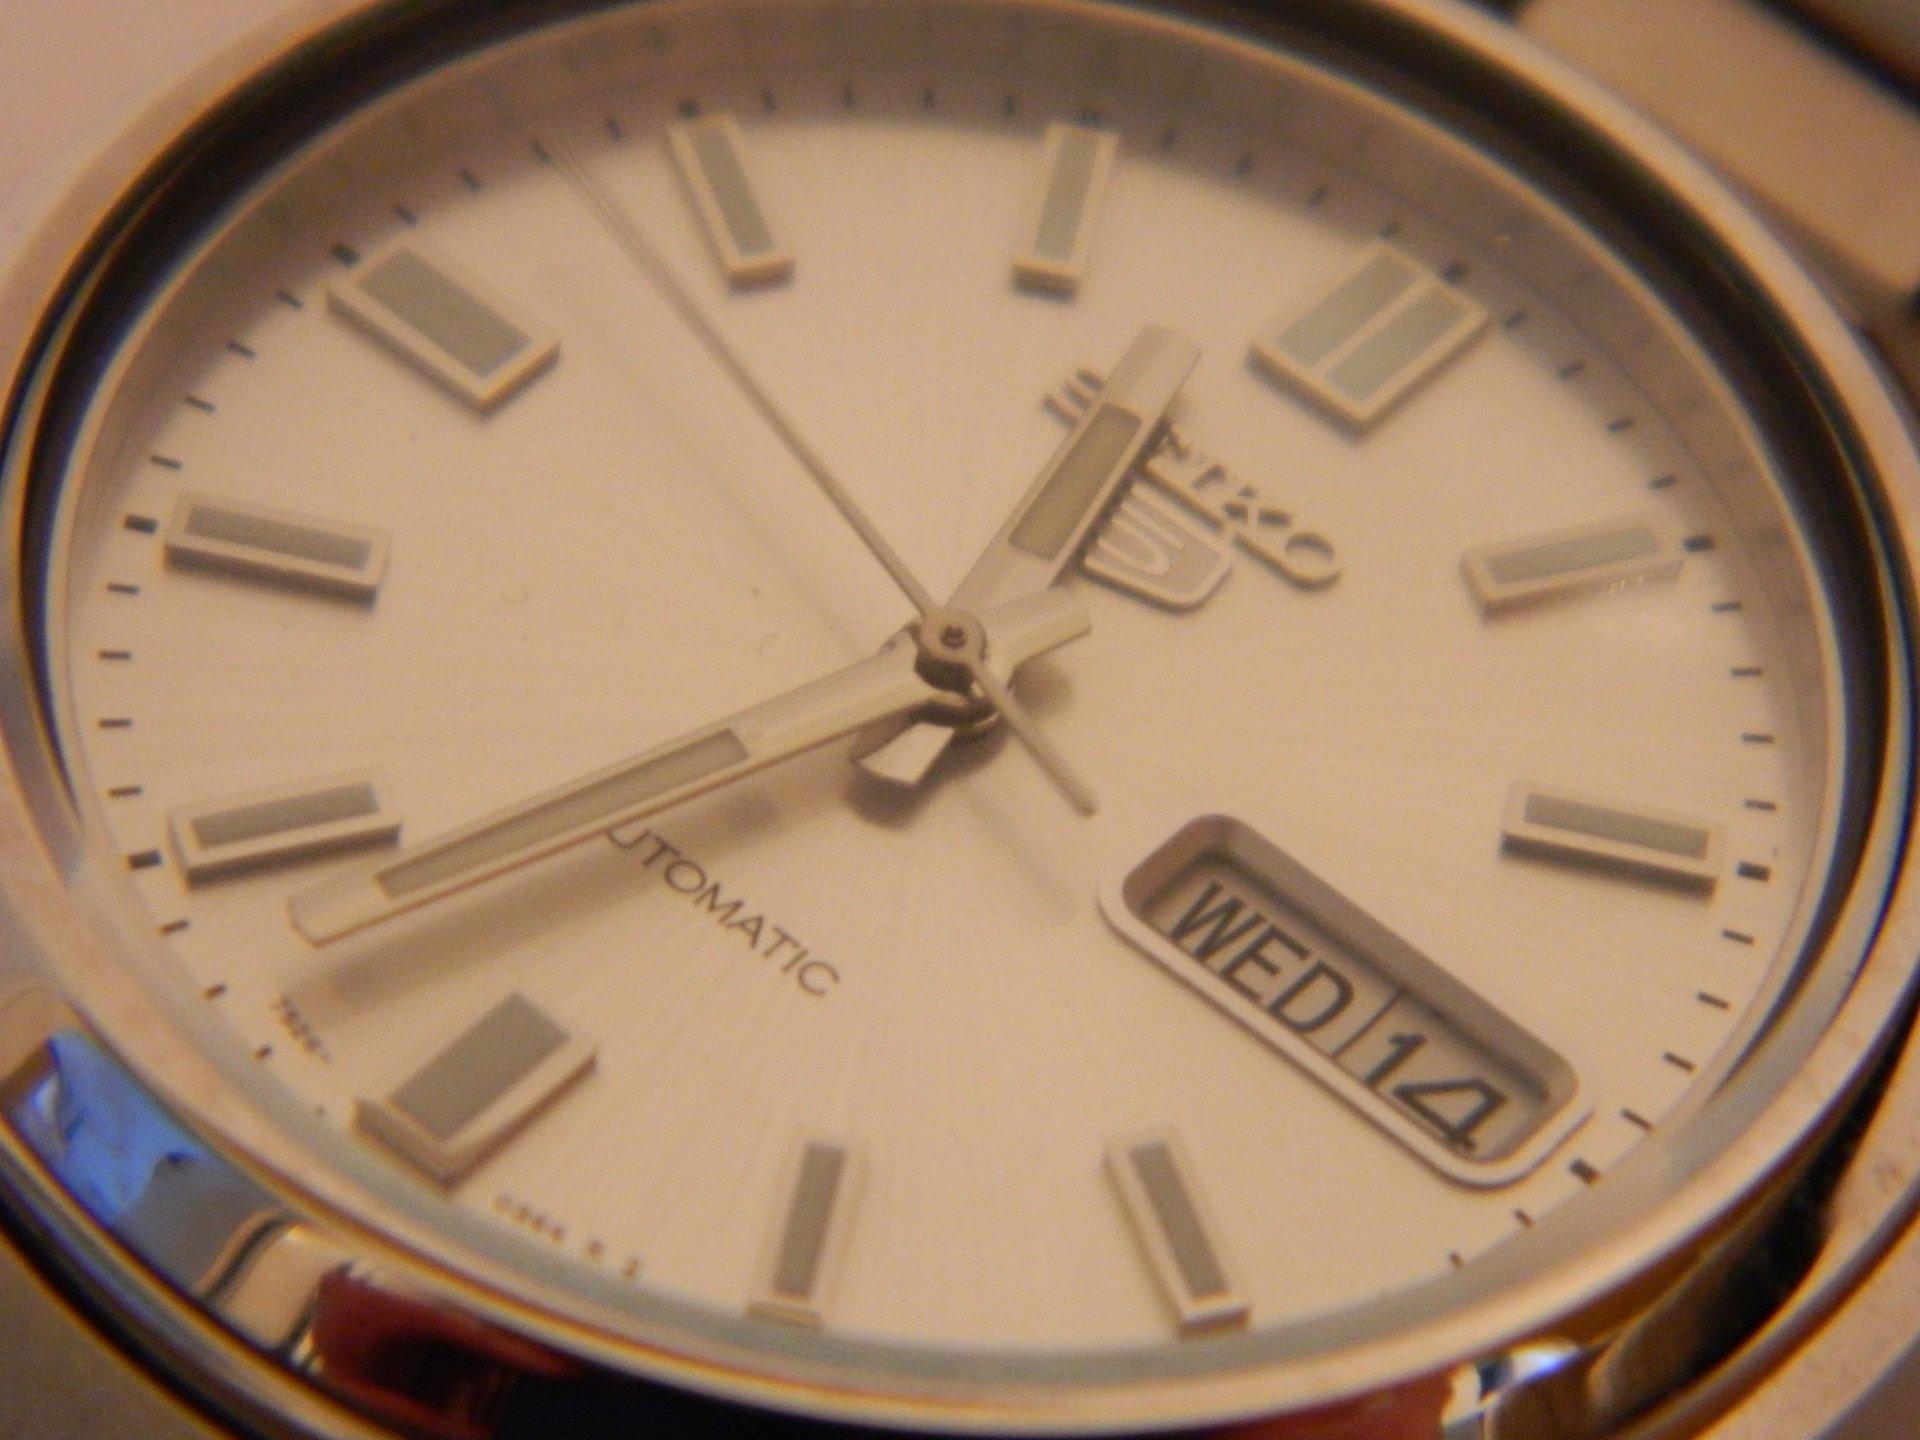 Kaufberatung Wertigste Uhr bis 100 Euro  UhrForum  Seite 3